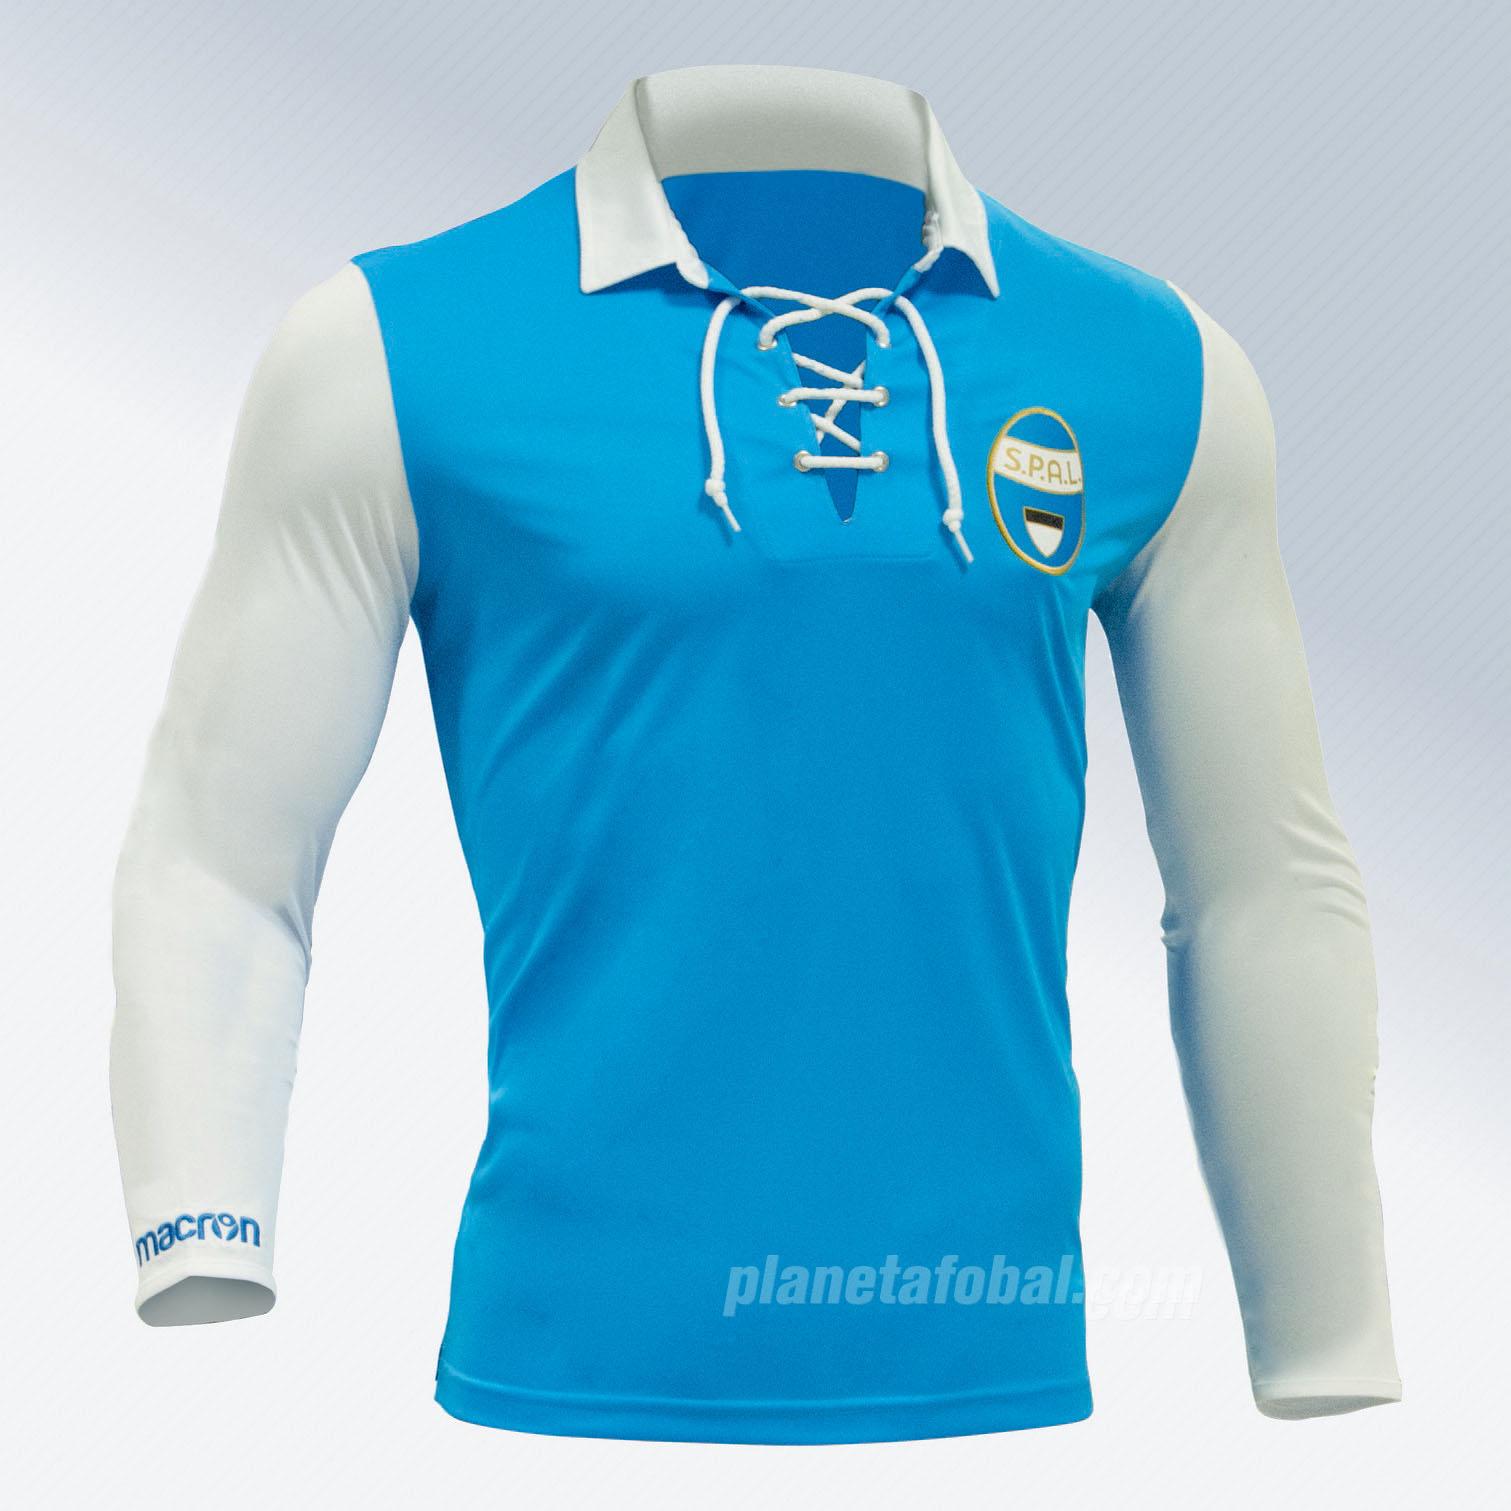 Camiseta especial por los 110 años del SPAL Ferrara | Imagen Macron